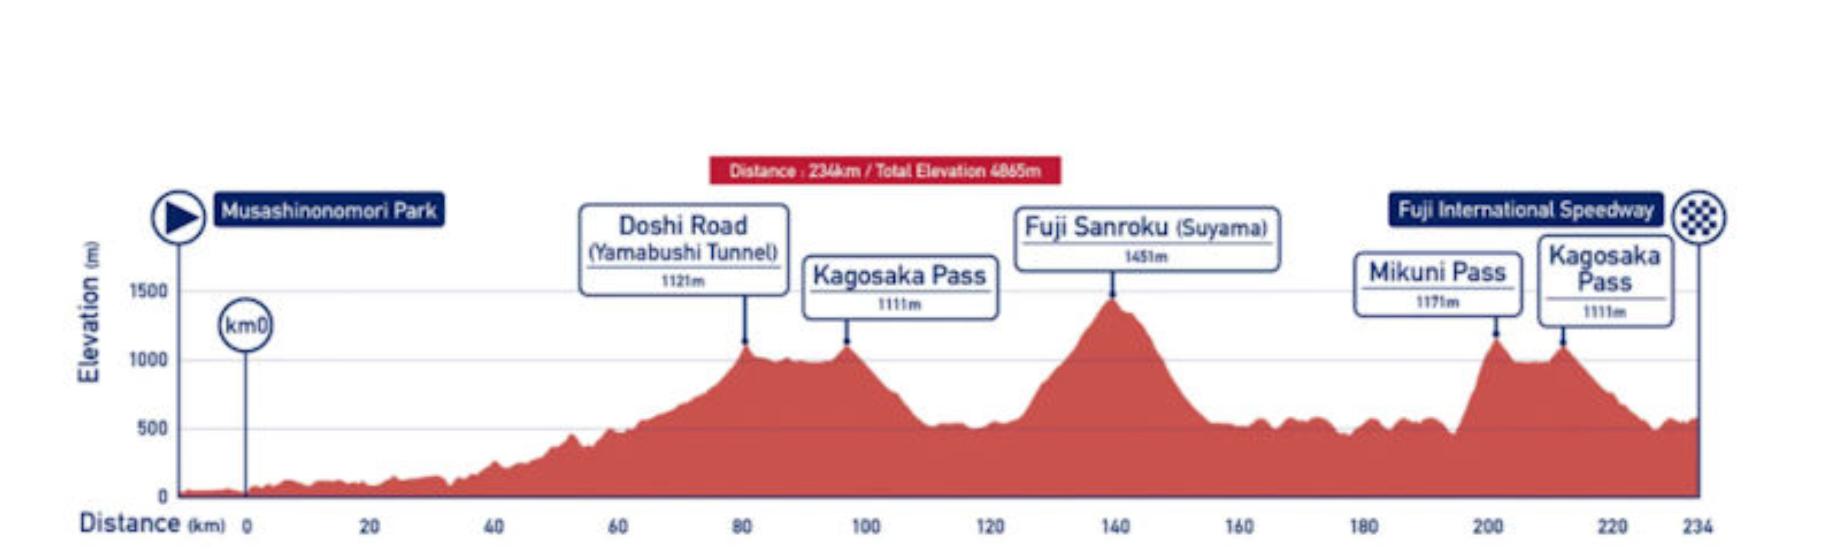 Tokio: Sobotno jutro v znamenju kolesarjev ...